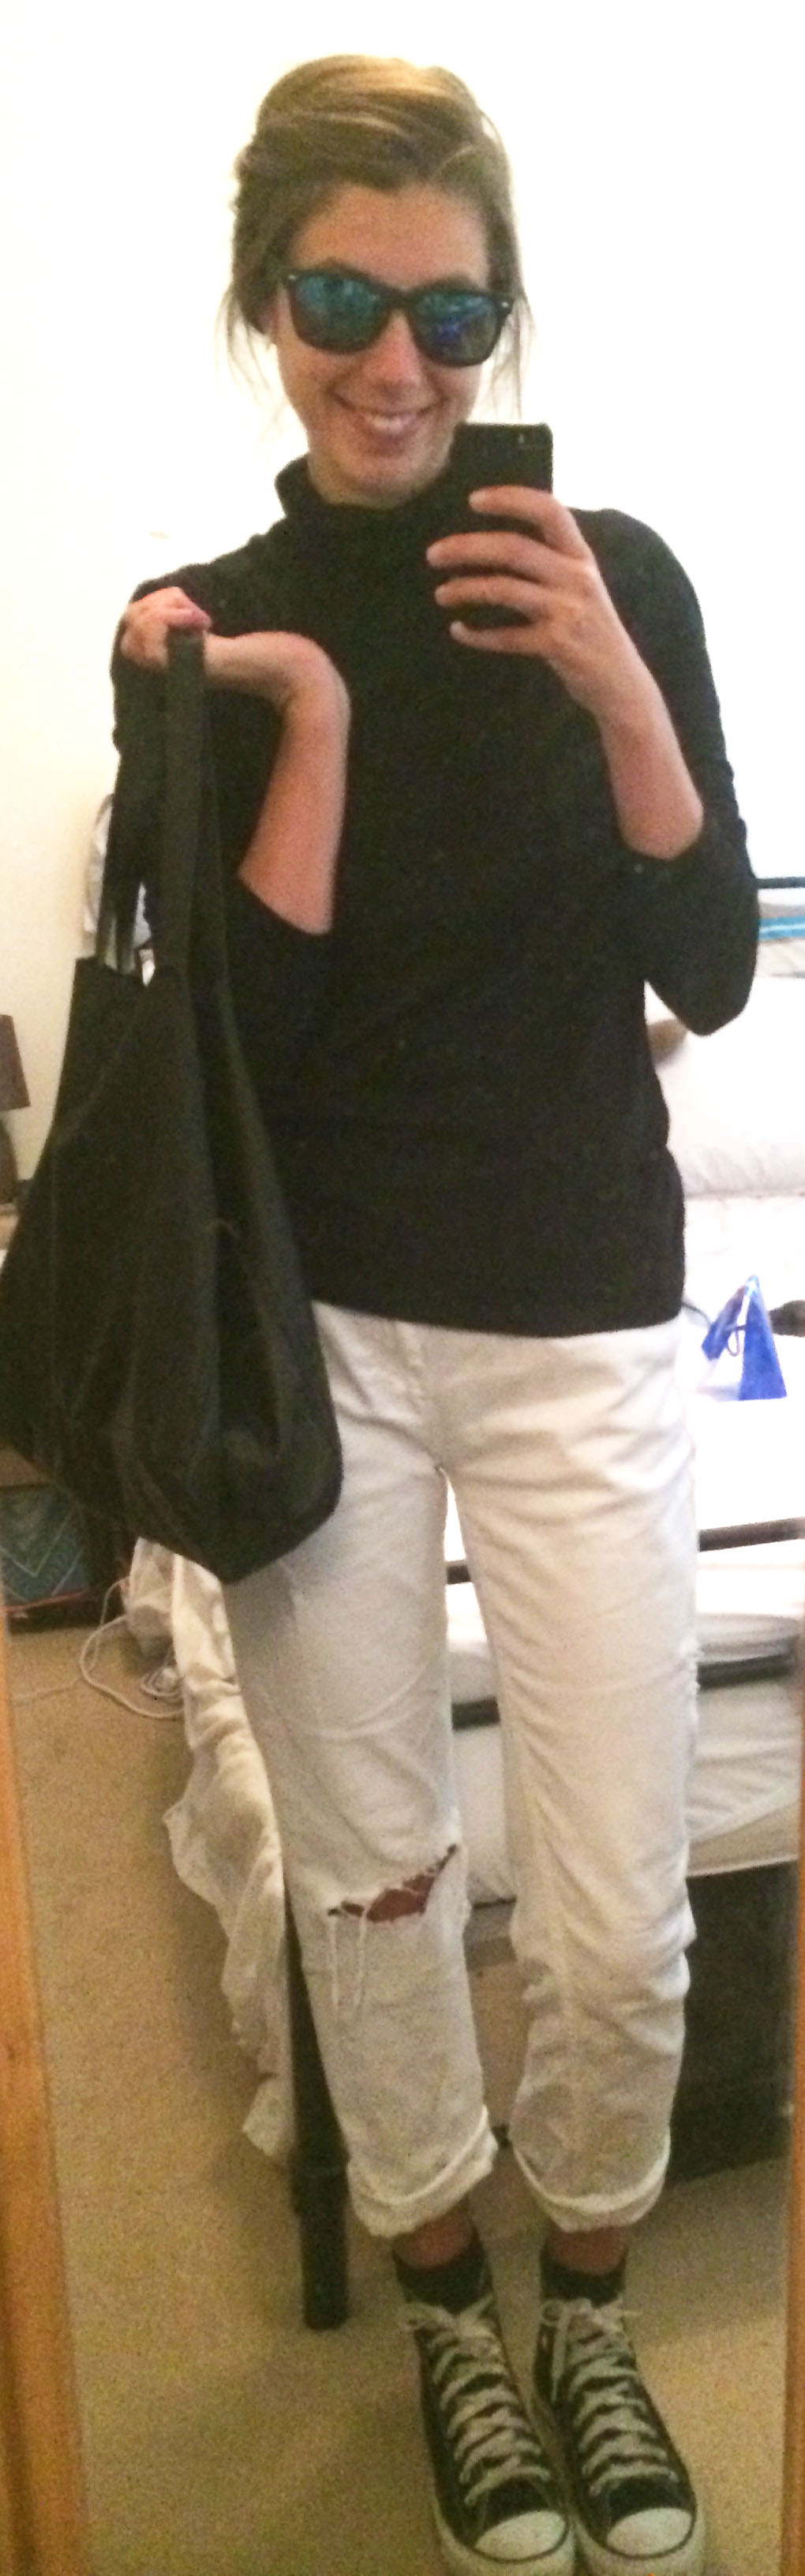 White Boyfriend Jeans ,  Black Converse,  Black Tote ,  Mirrored Sunglasses , $2 Discount Store Turtleneck